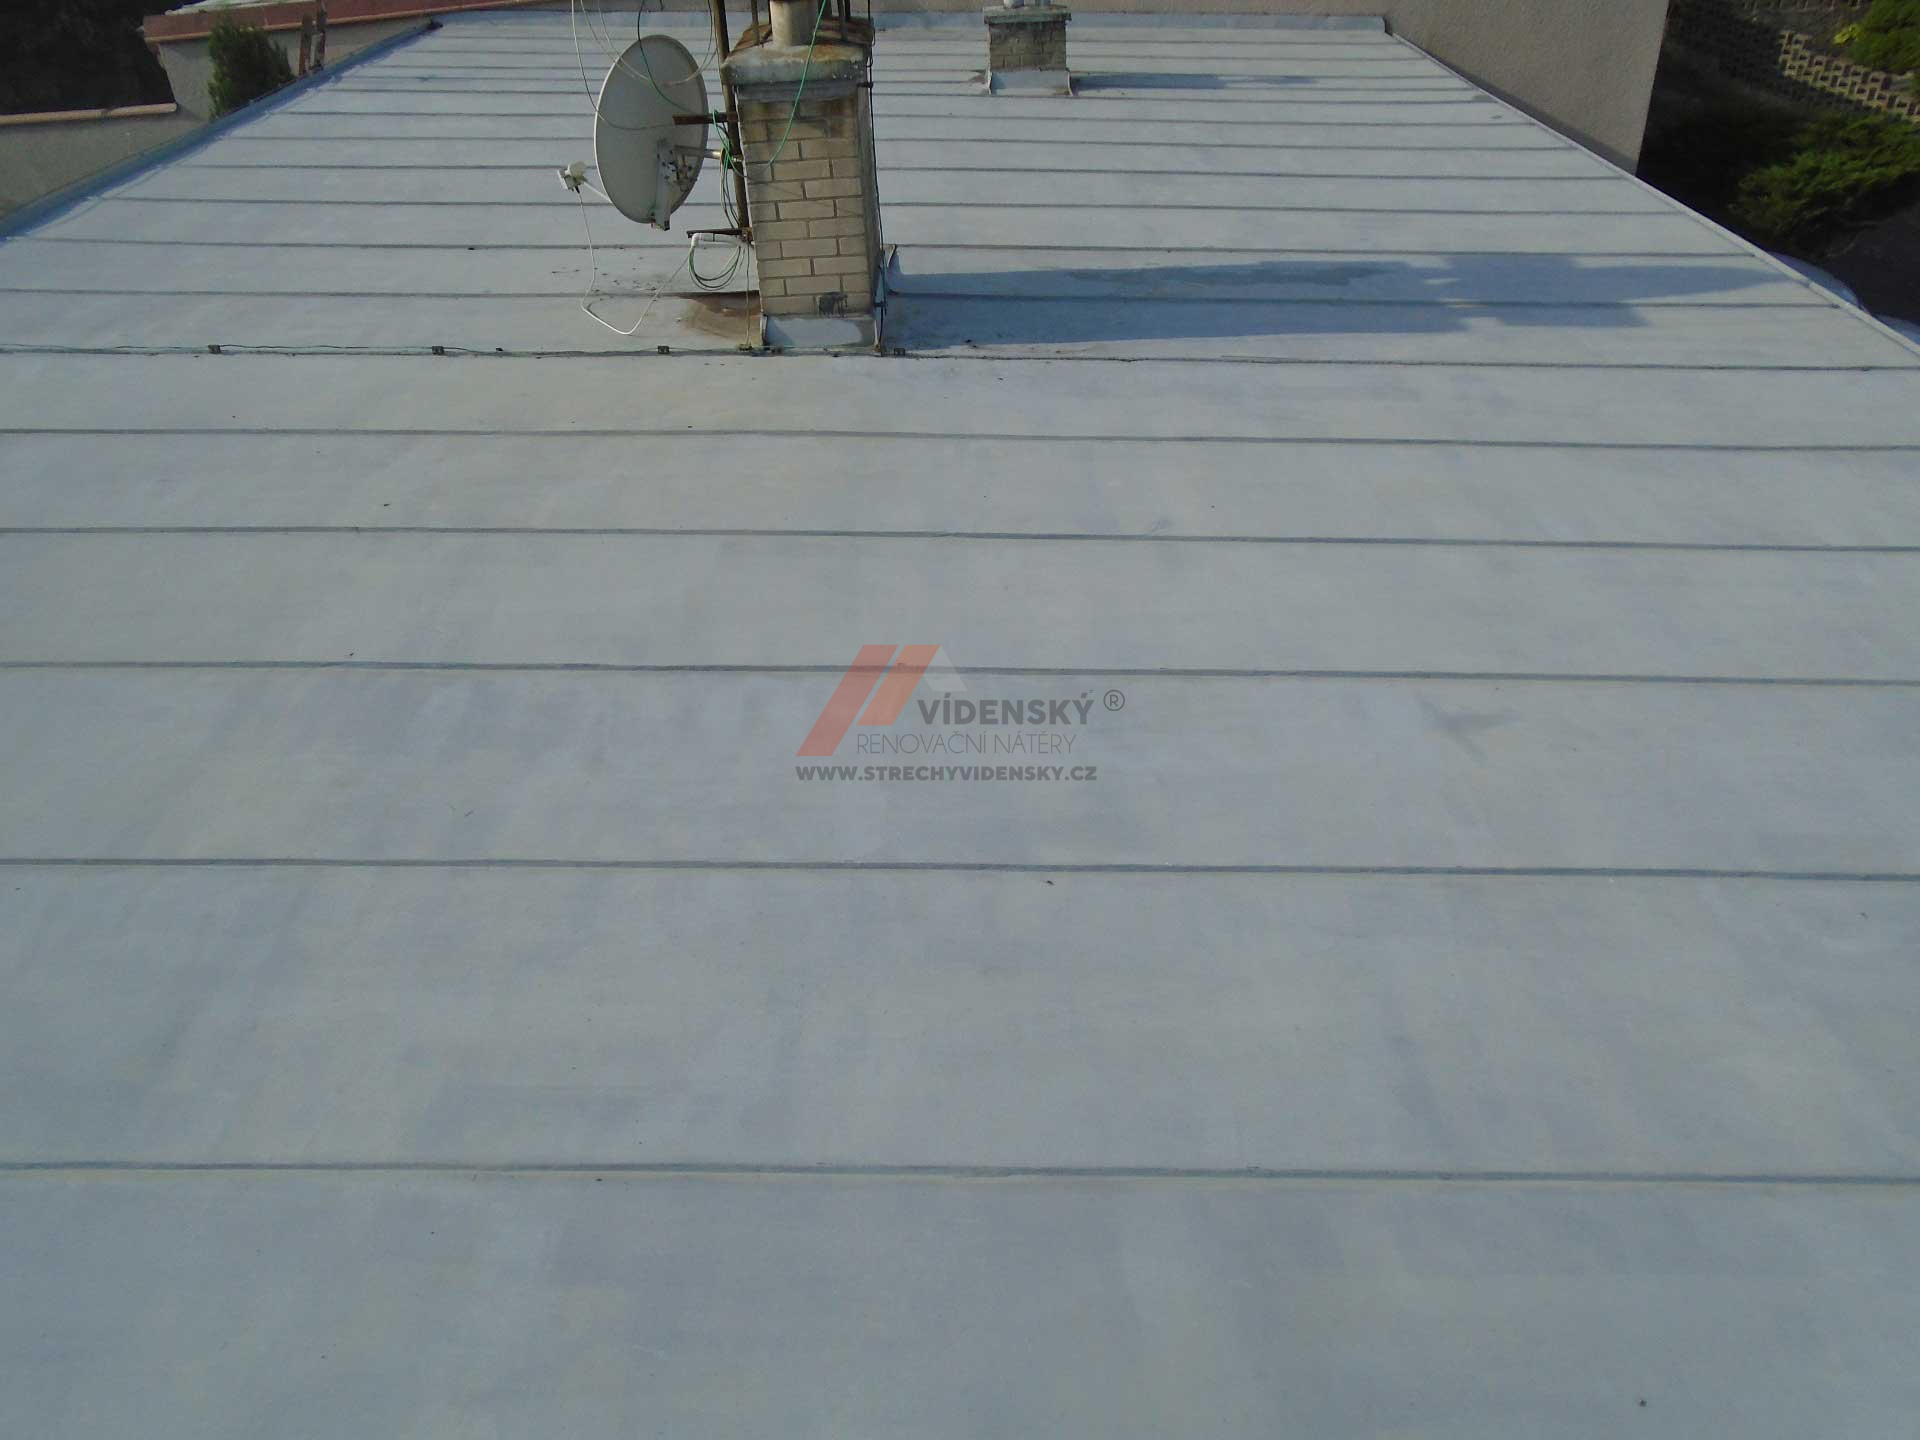 Vídenský | Renovační nátěr plechové střechy 09 - Původní stav